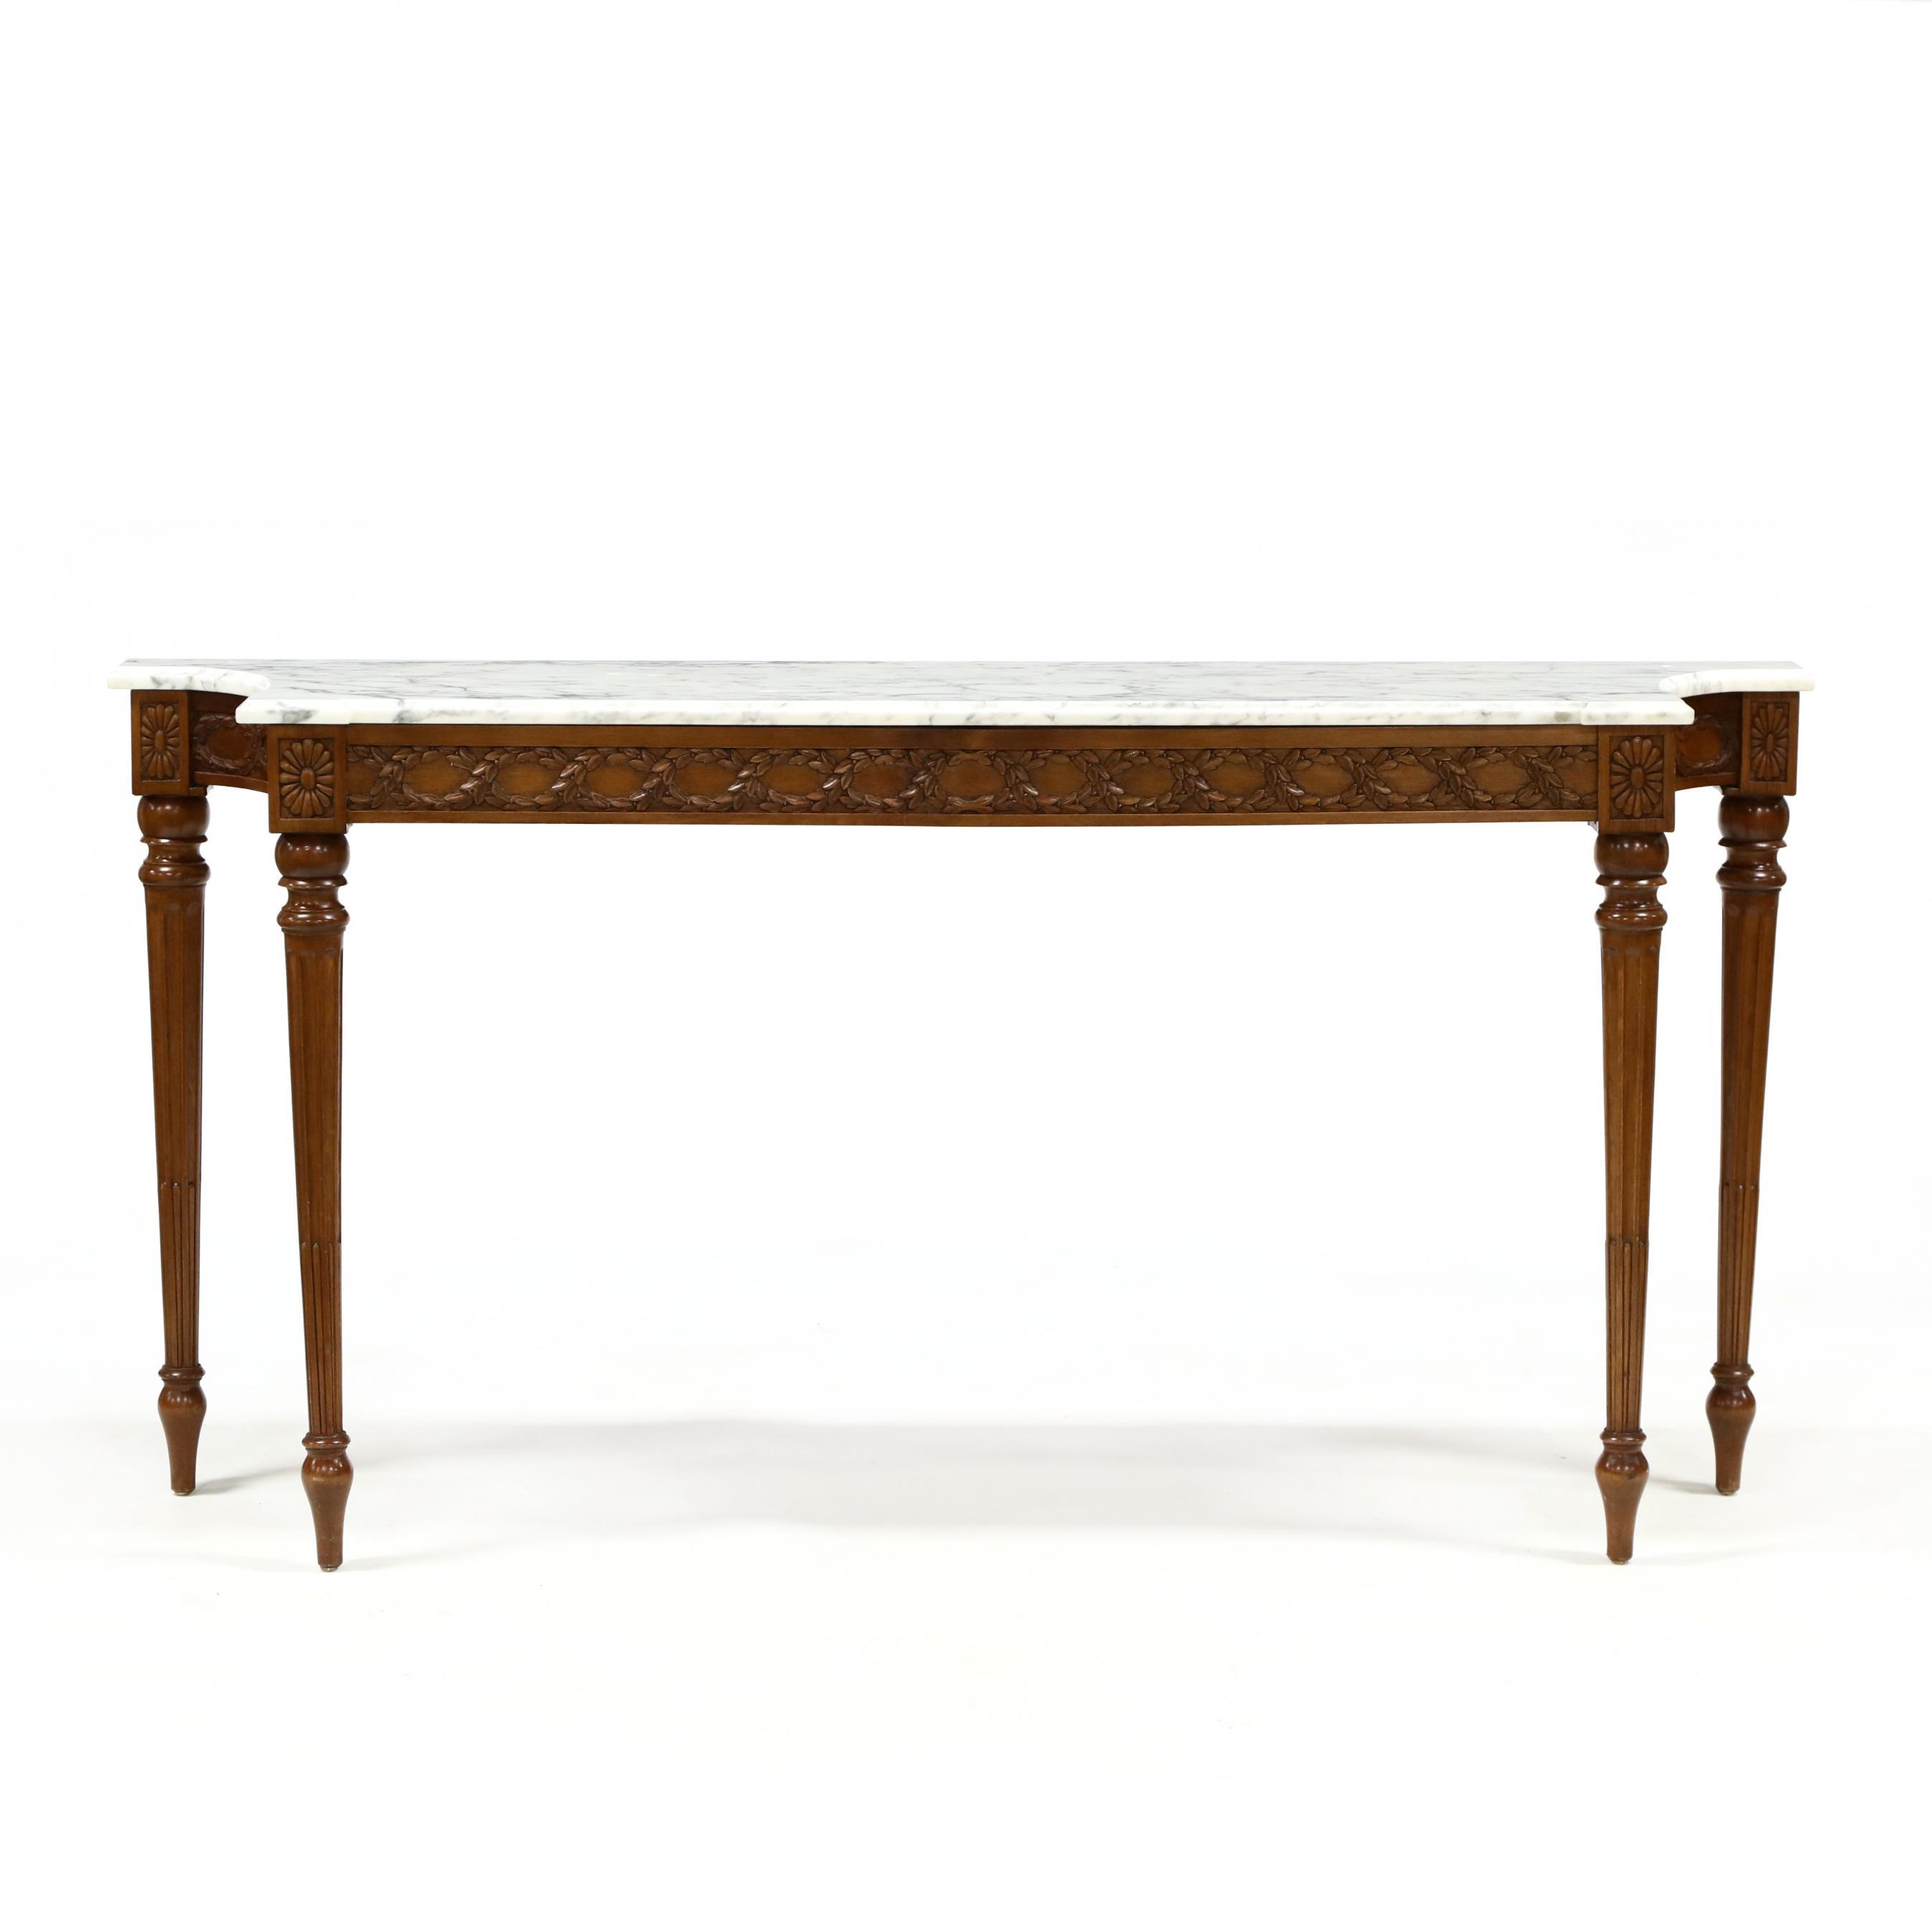 italianate-marble-top-mahogany-console-table